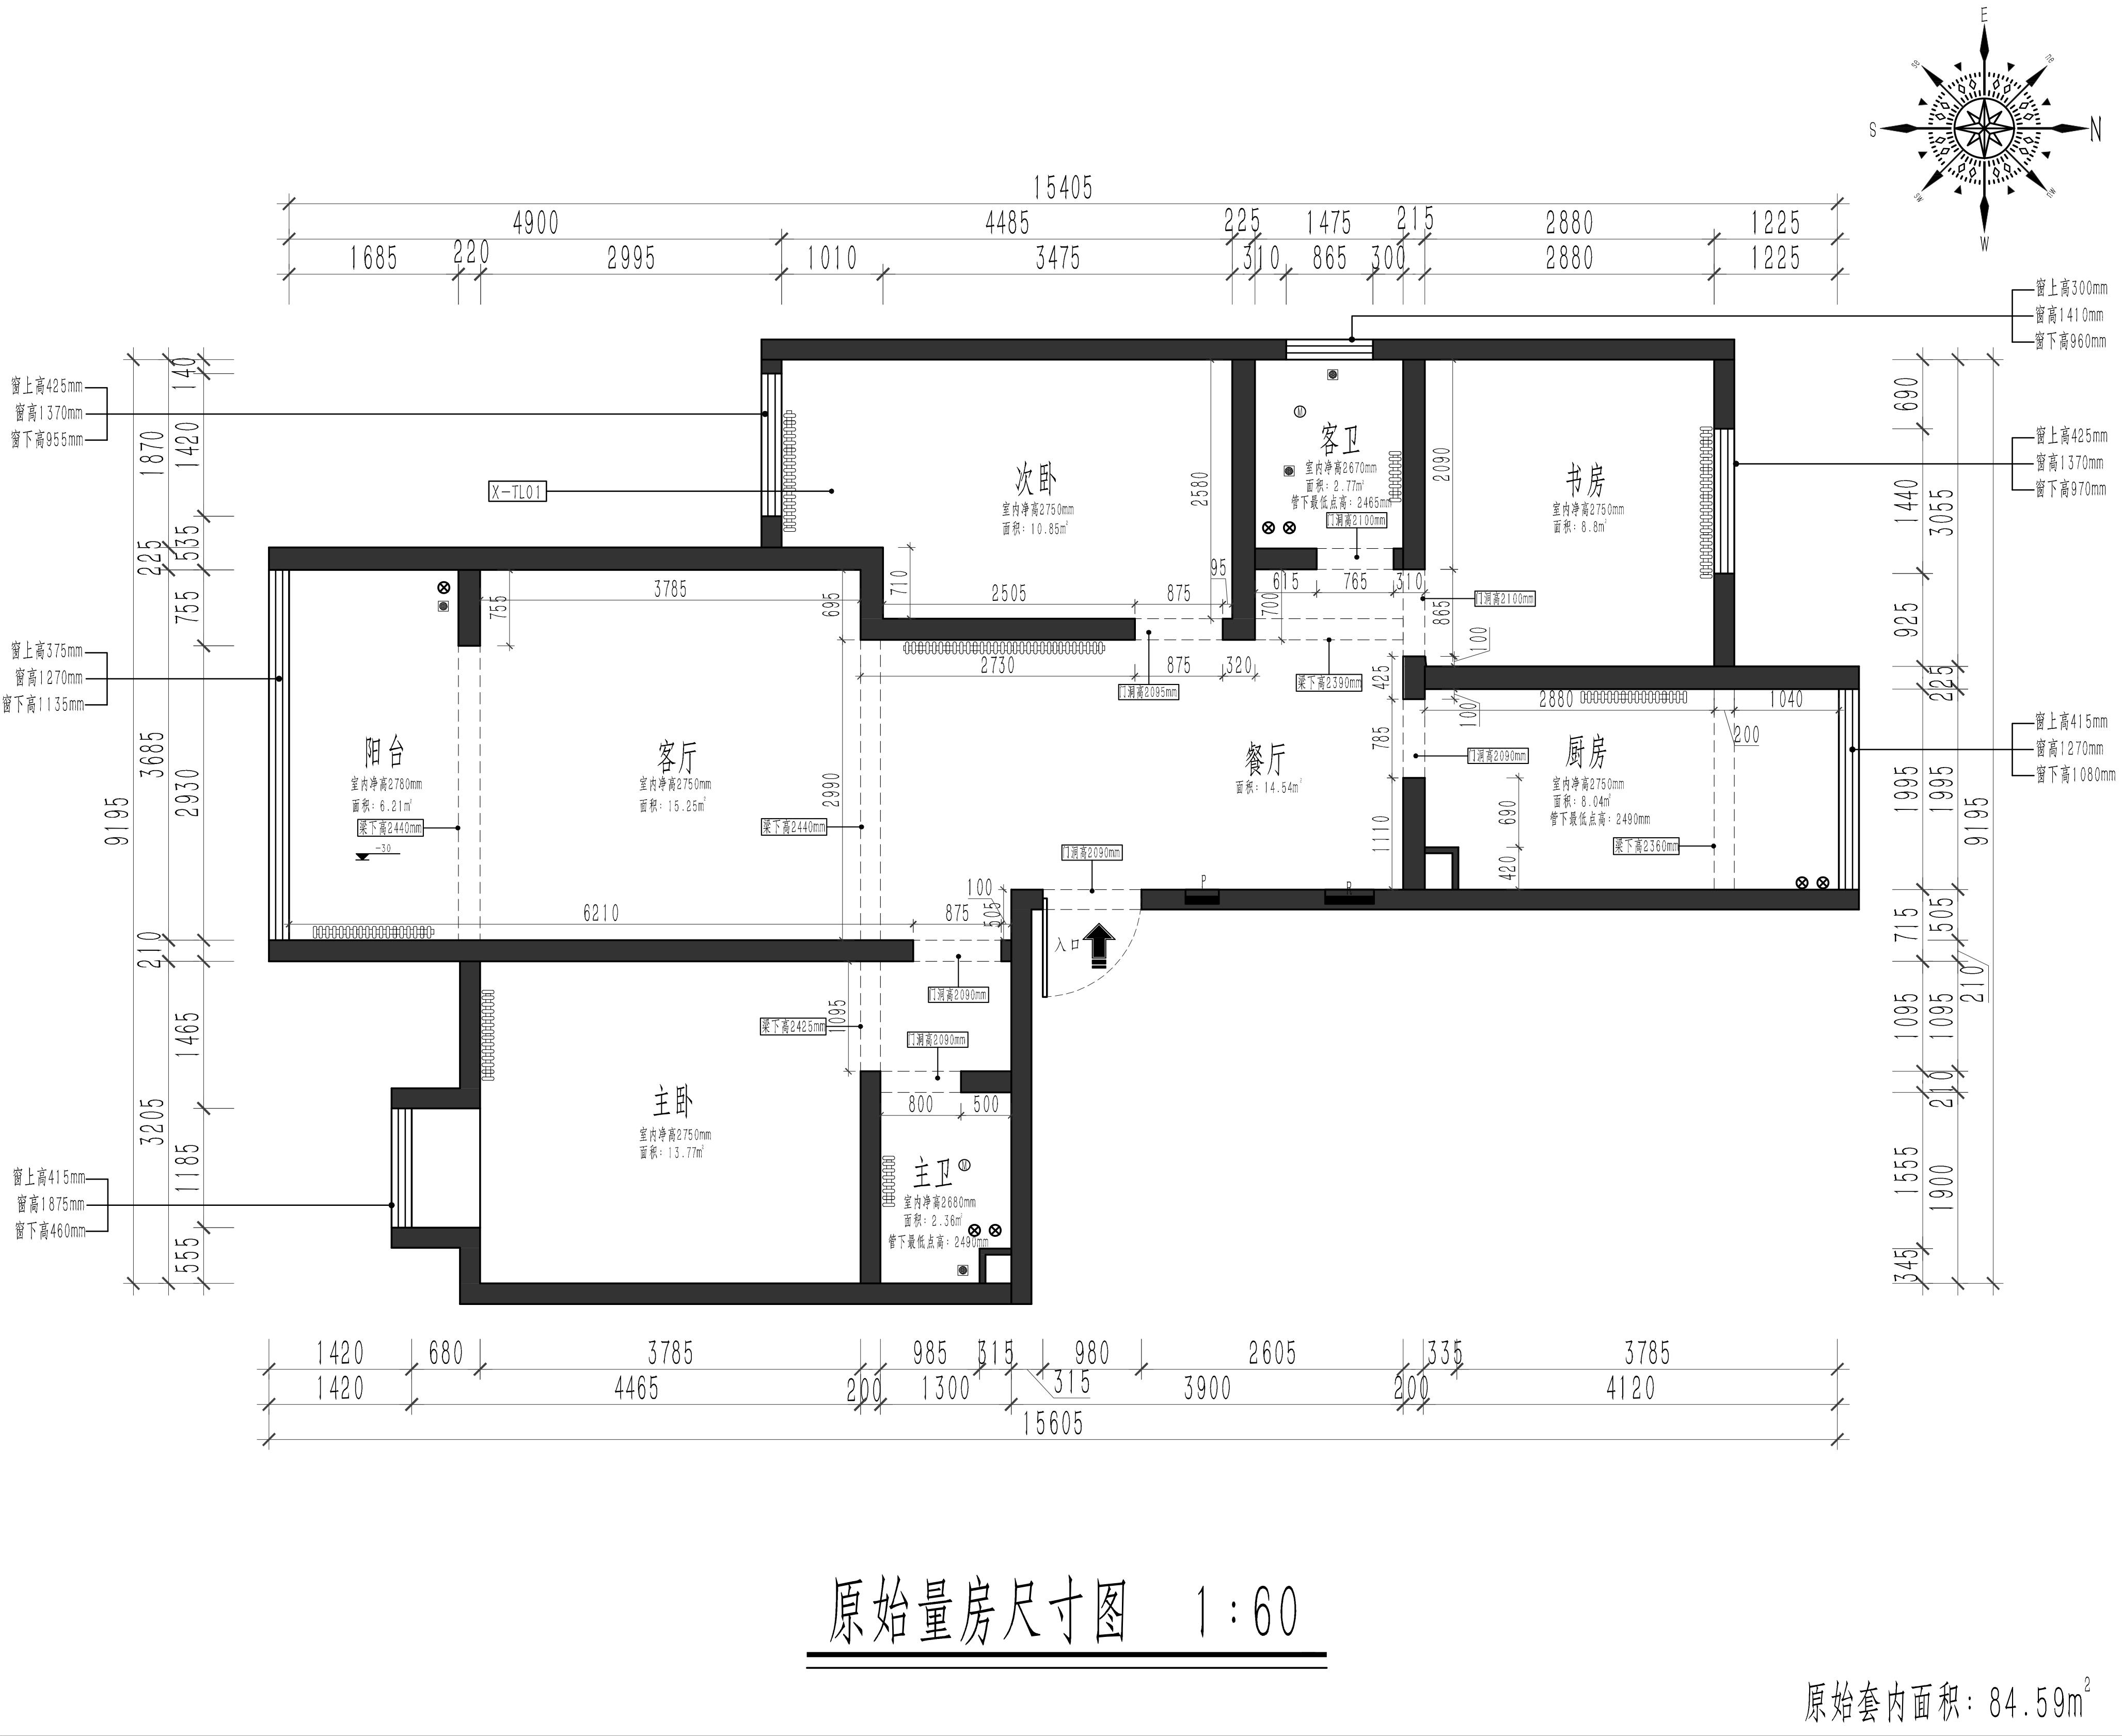 大慧寺-84平方米-现代简约装修设计理念